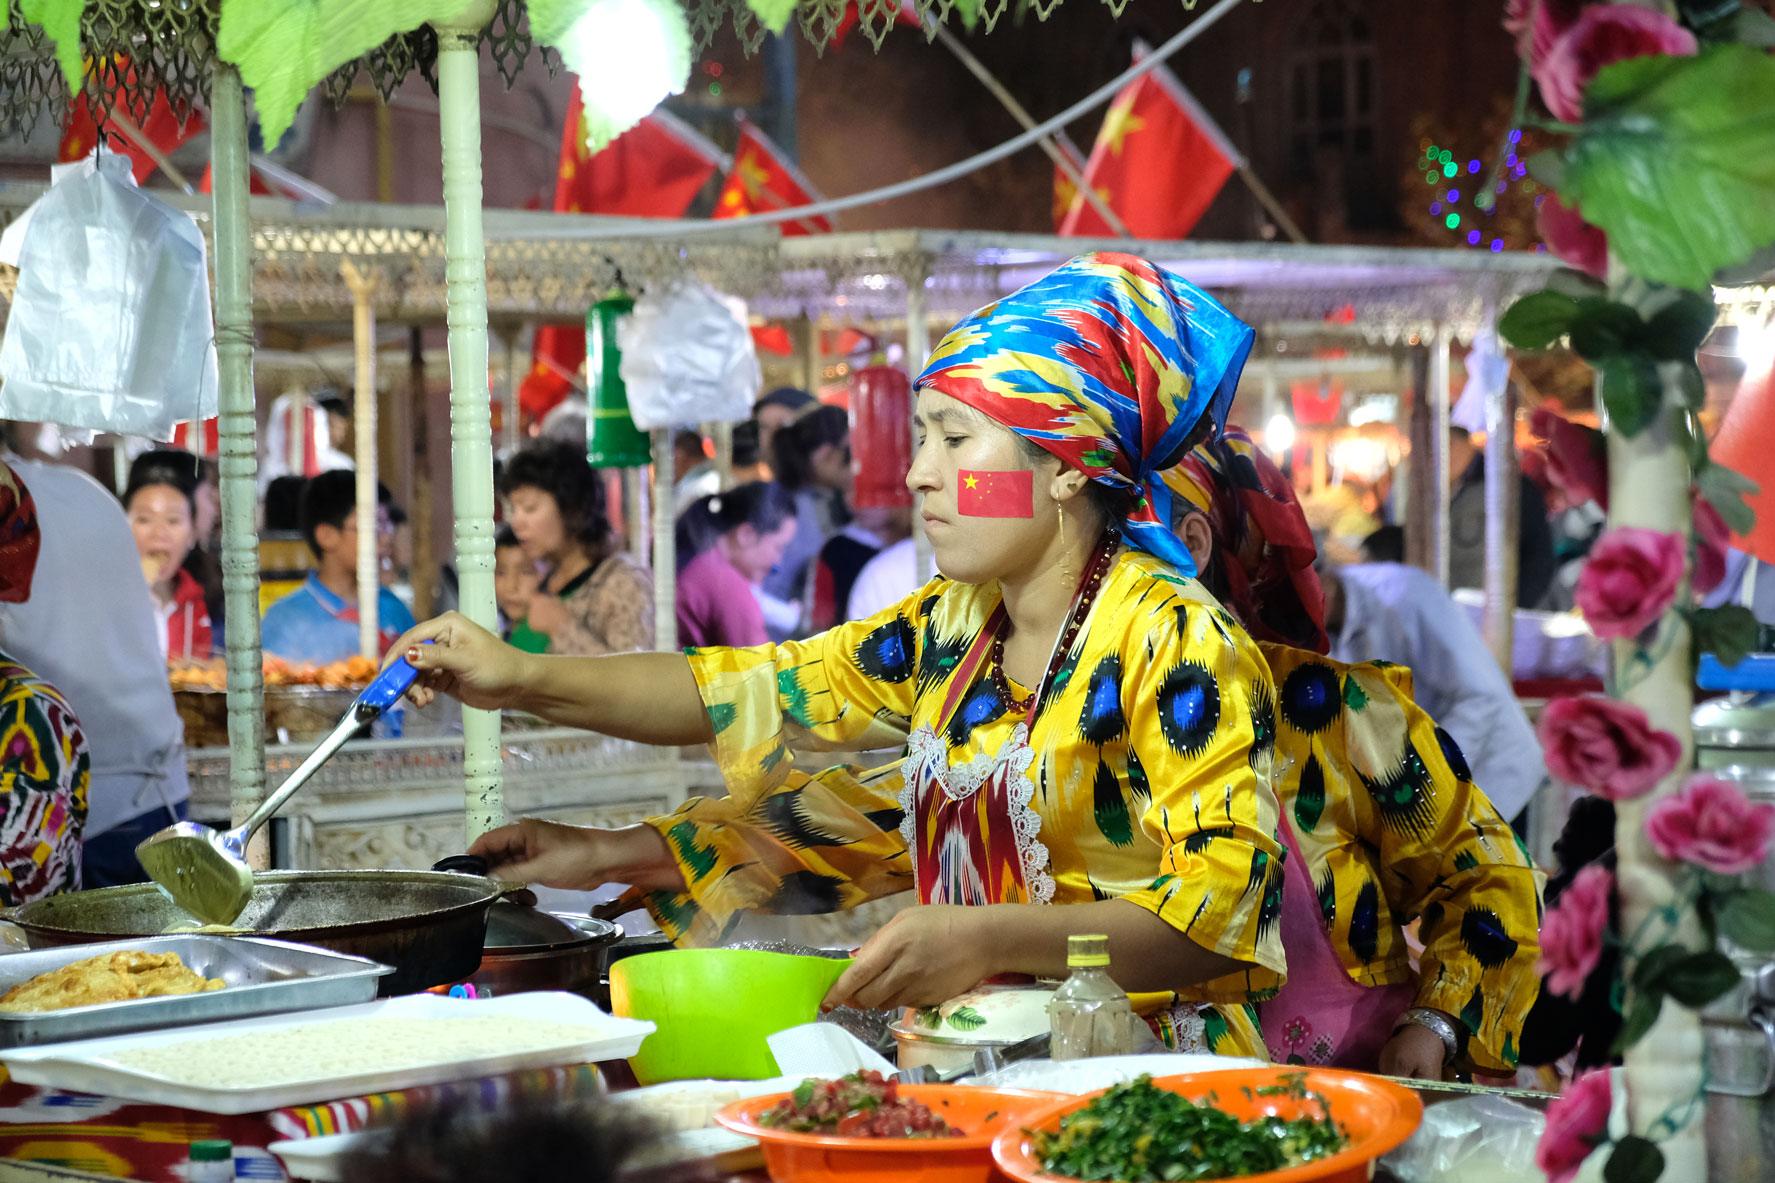 Xinjiang ist ein Teil Chinas und dementsprechend wird auch hier der chinesische Nationalfeiertag am 1. Oktober begangen